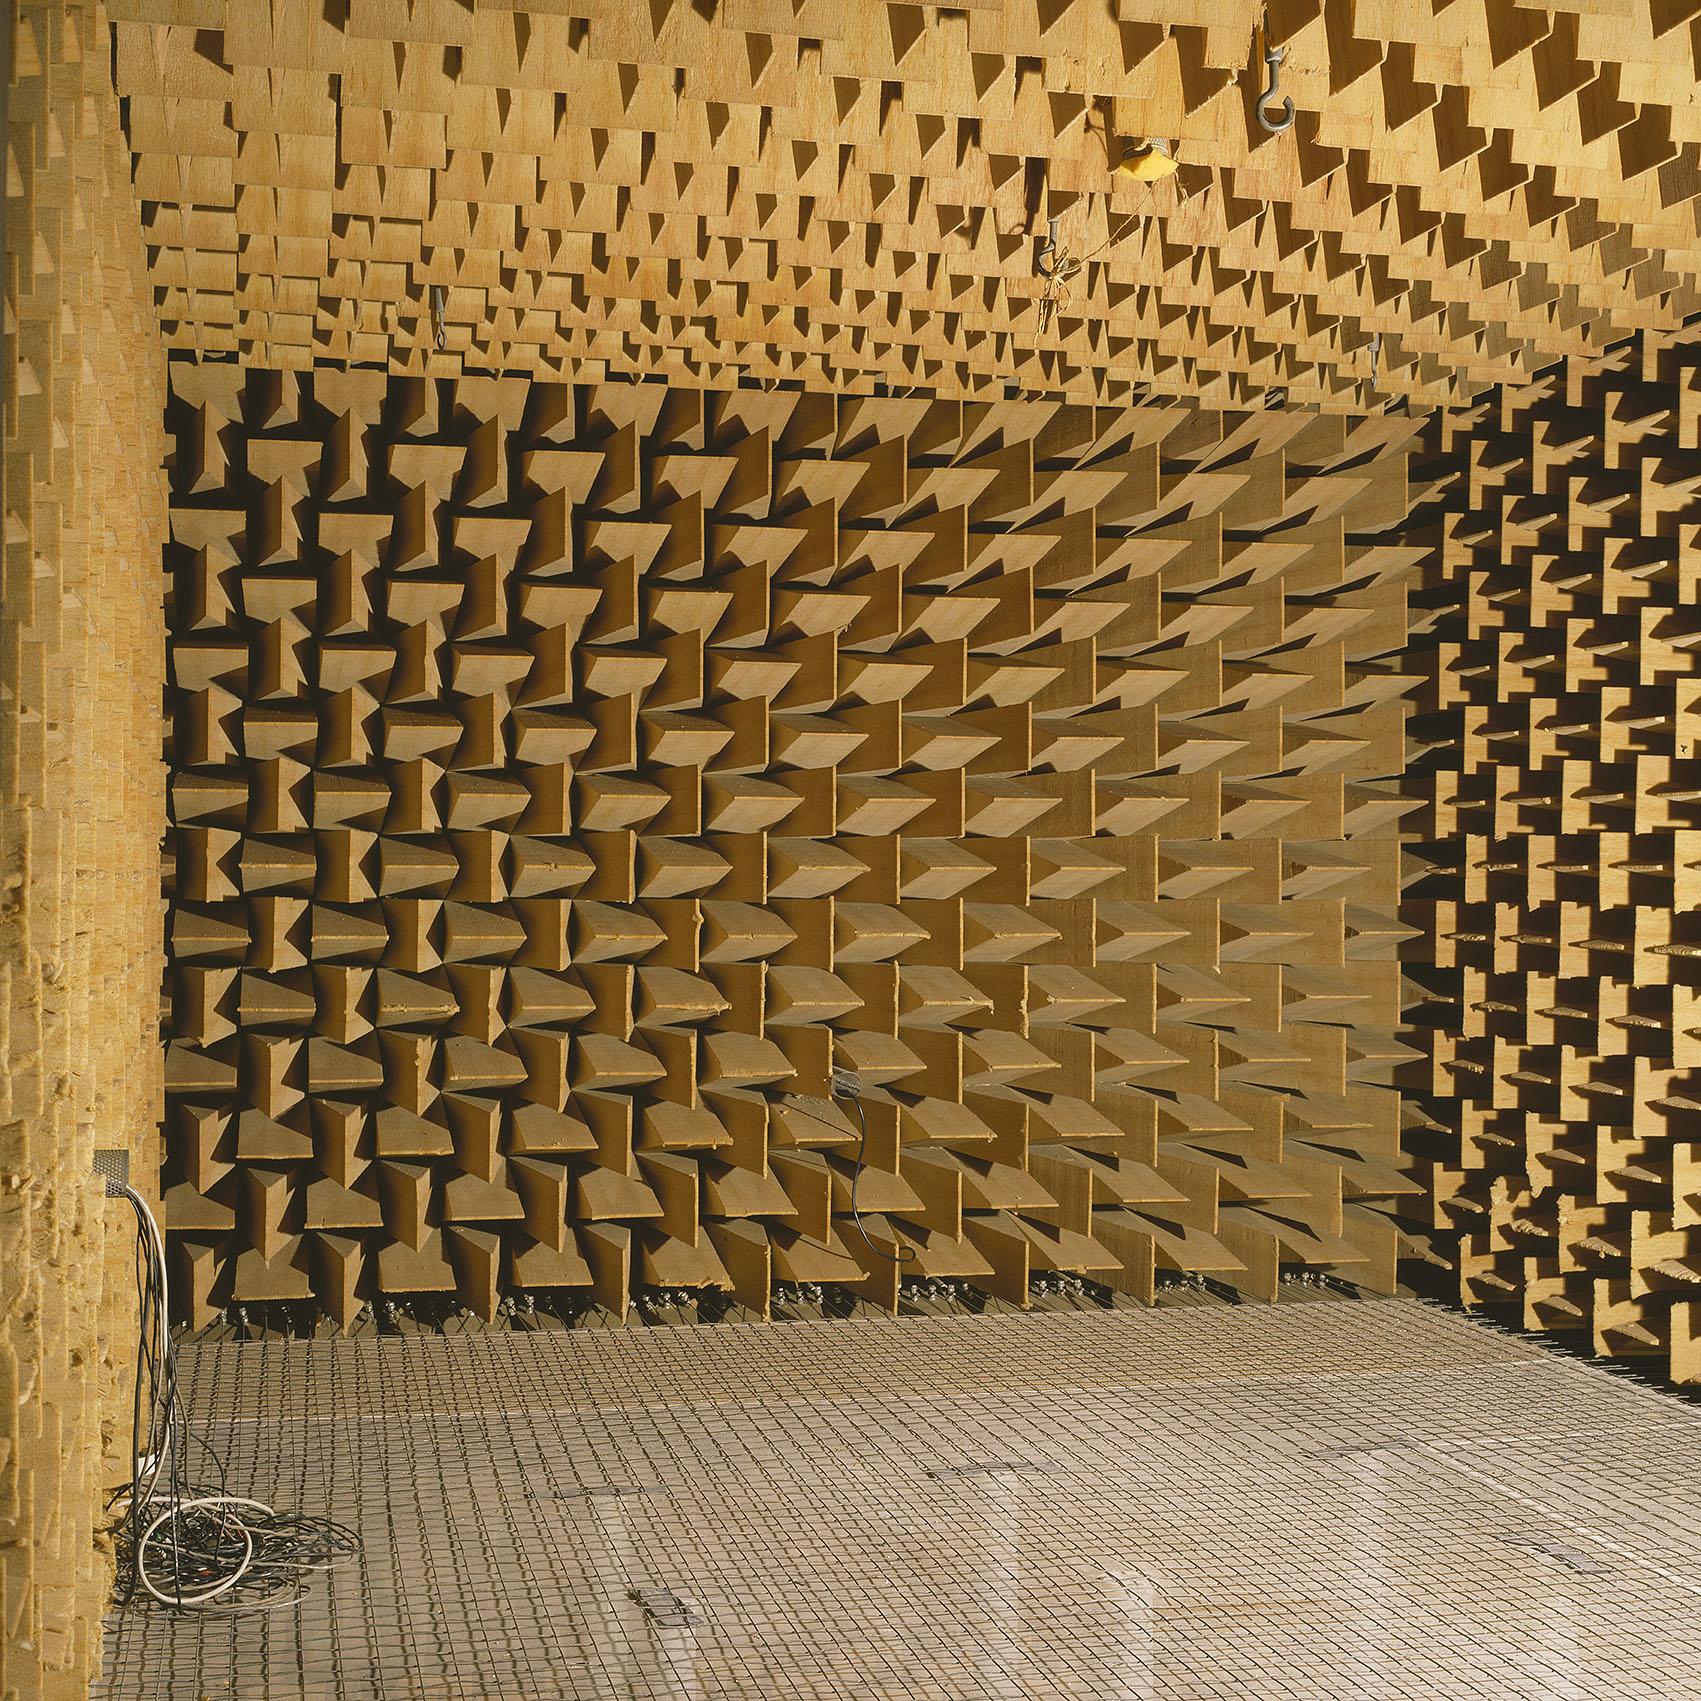 Câmara Anecoica IST 001